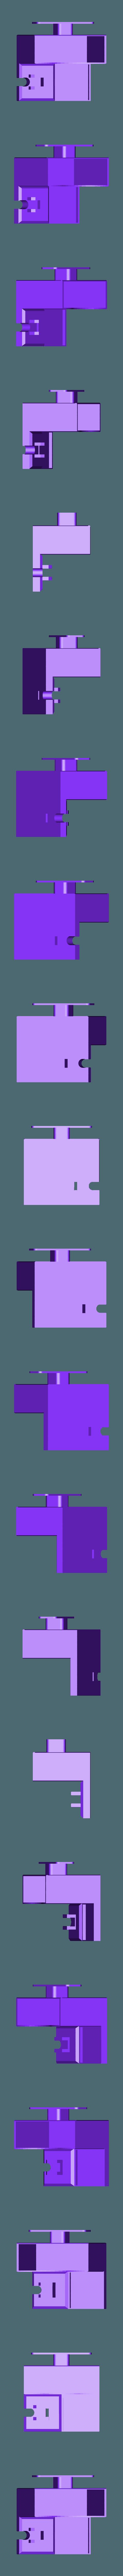 GlueGunCaddy.stl Télécharger fichier STL gratuit Support à cadenas pour pistolet à colle w • Modèle imprimable en 3D, MeesterEduard